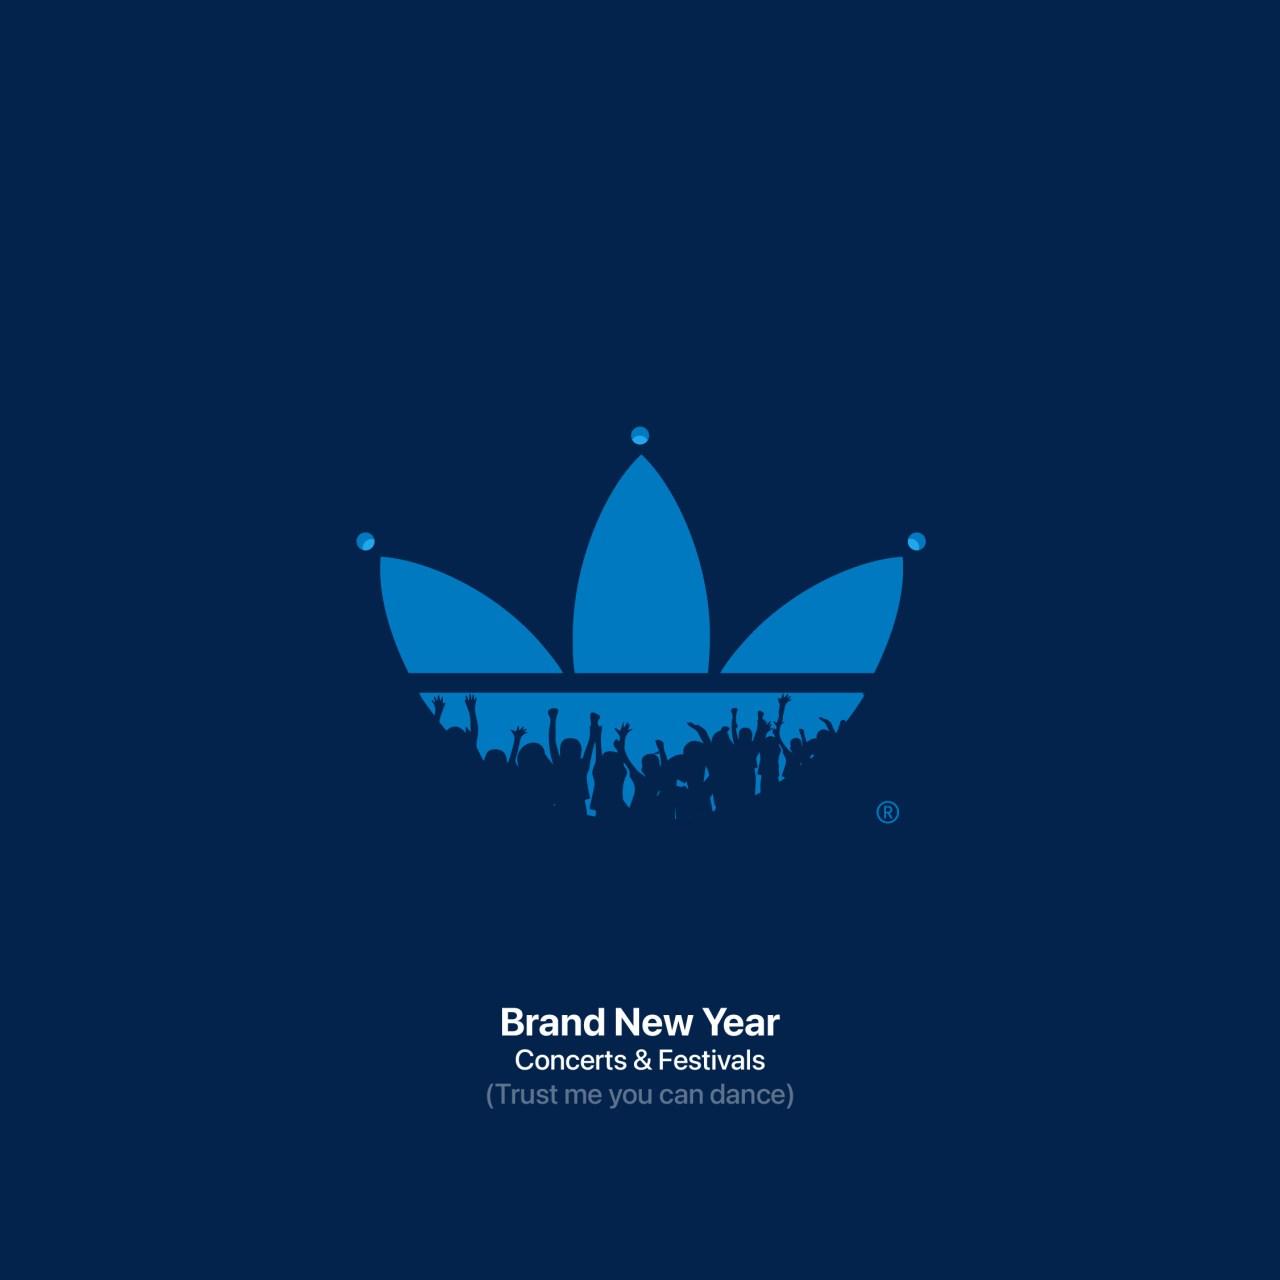 Brand New Year-09